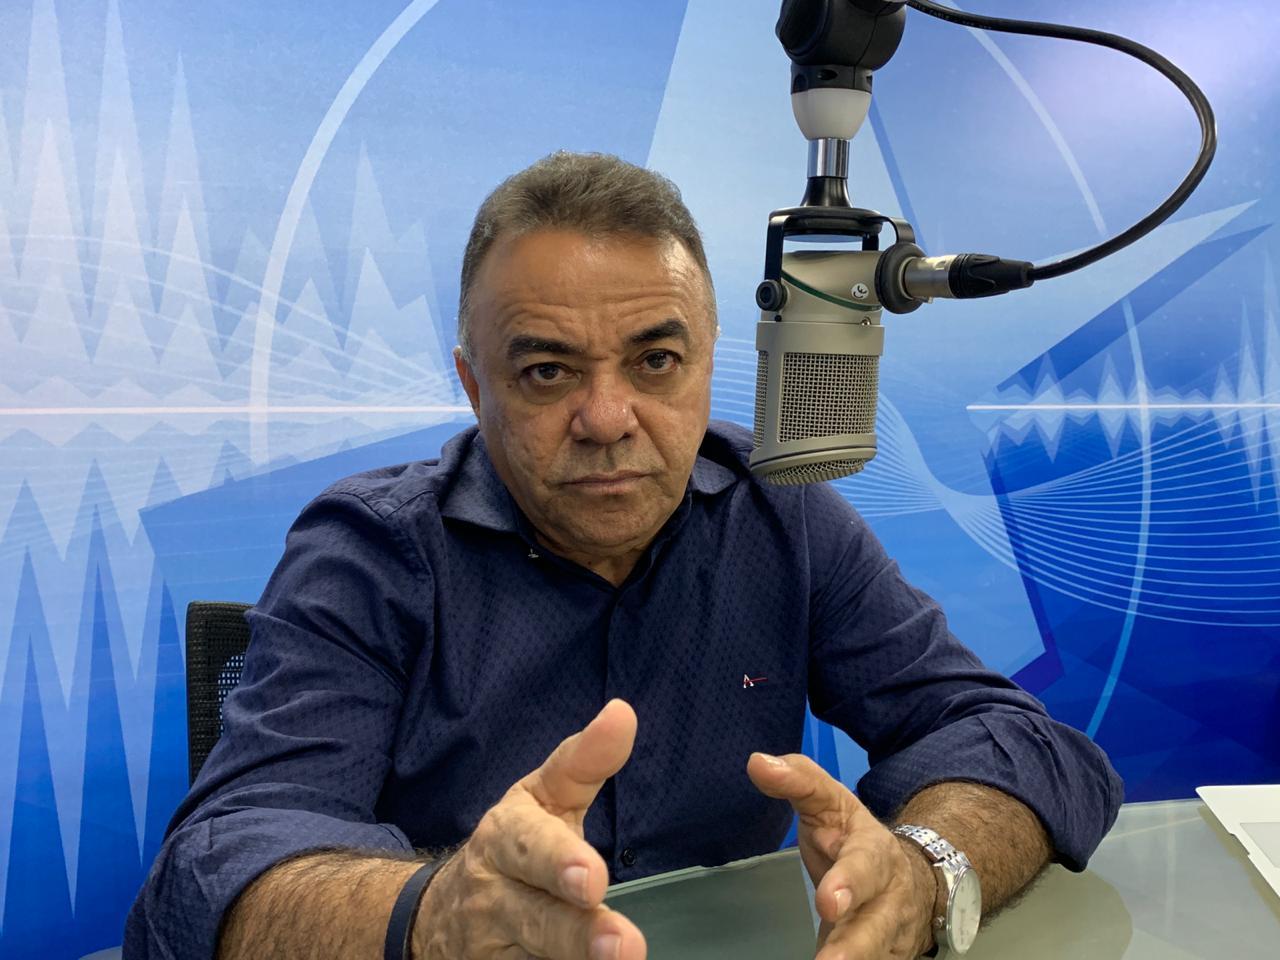 GUTEMBERG CARDOSO - O EMBATE ENTRE A NOVA E A VELHA POLÍTICA: Rodrigo Maia quer cargos em troca da Reforma da Previdência - por Gutemberg Cardoso